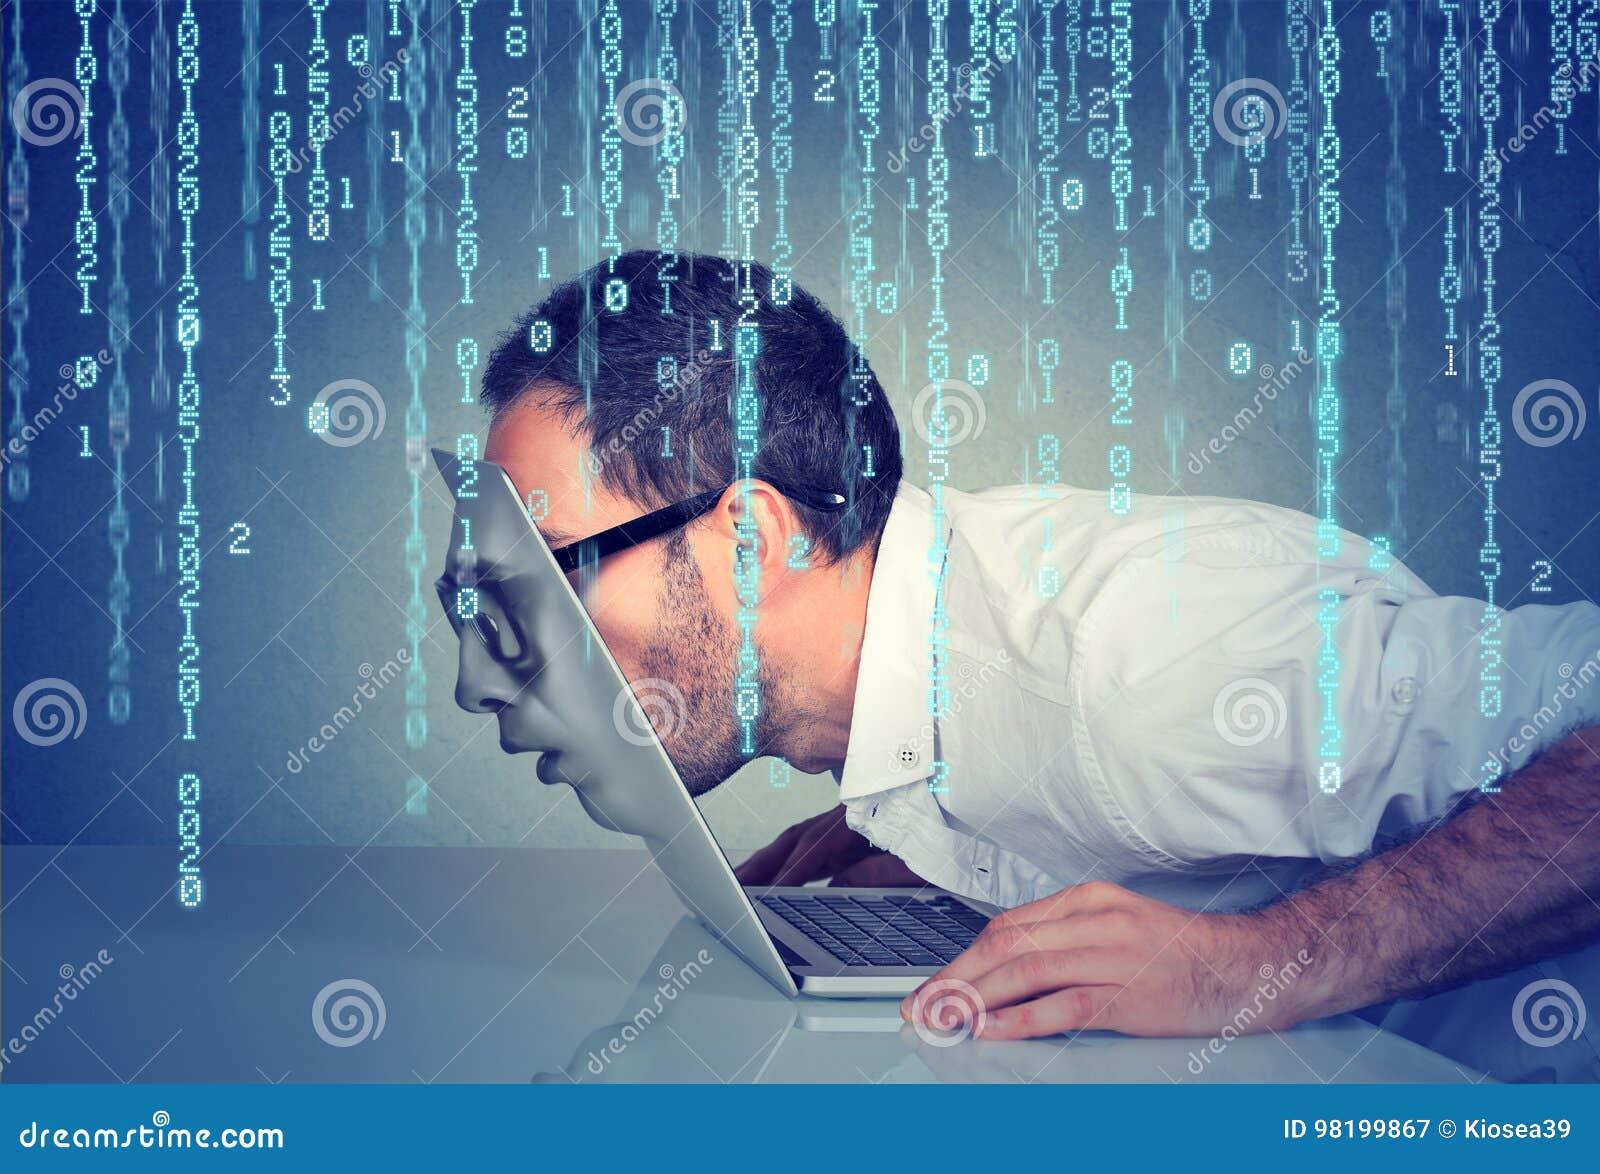 Geschäftsmann mit seinem Gesicht, das durch den Schirm eines Laptops auf binär Code-Hintergrund überschreitet